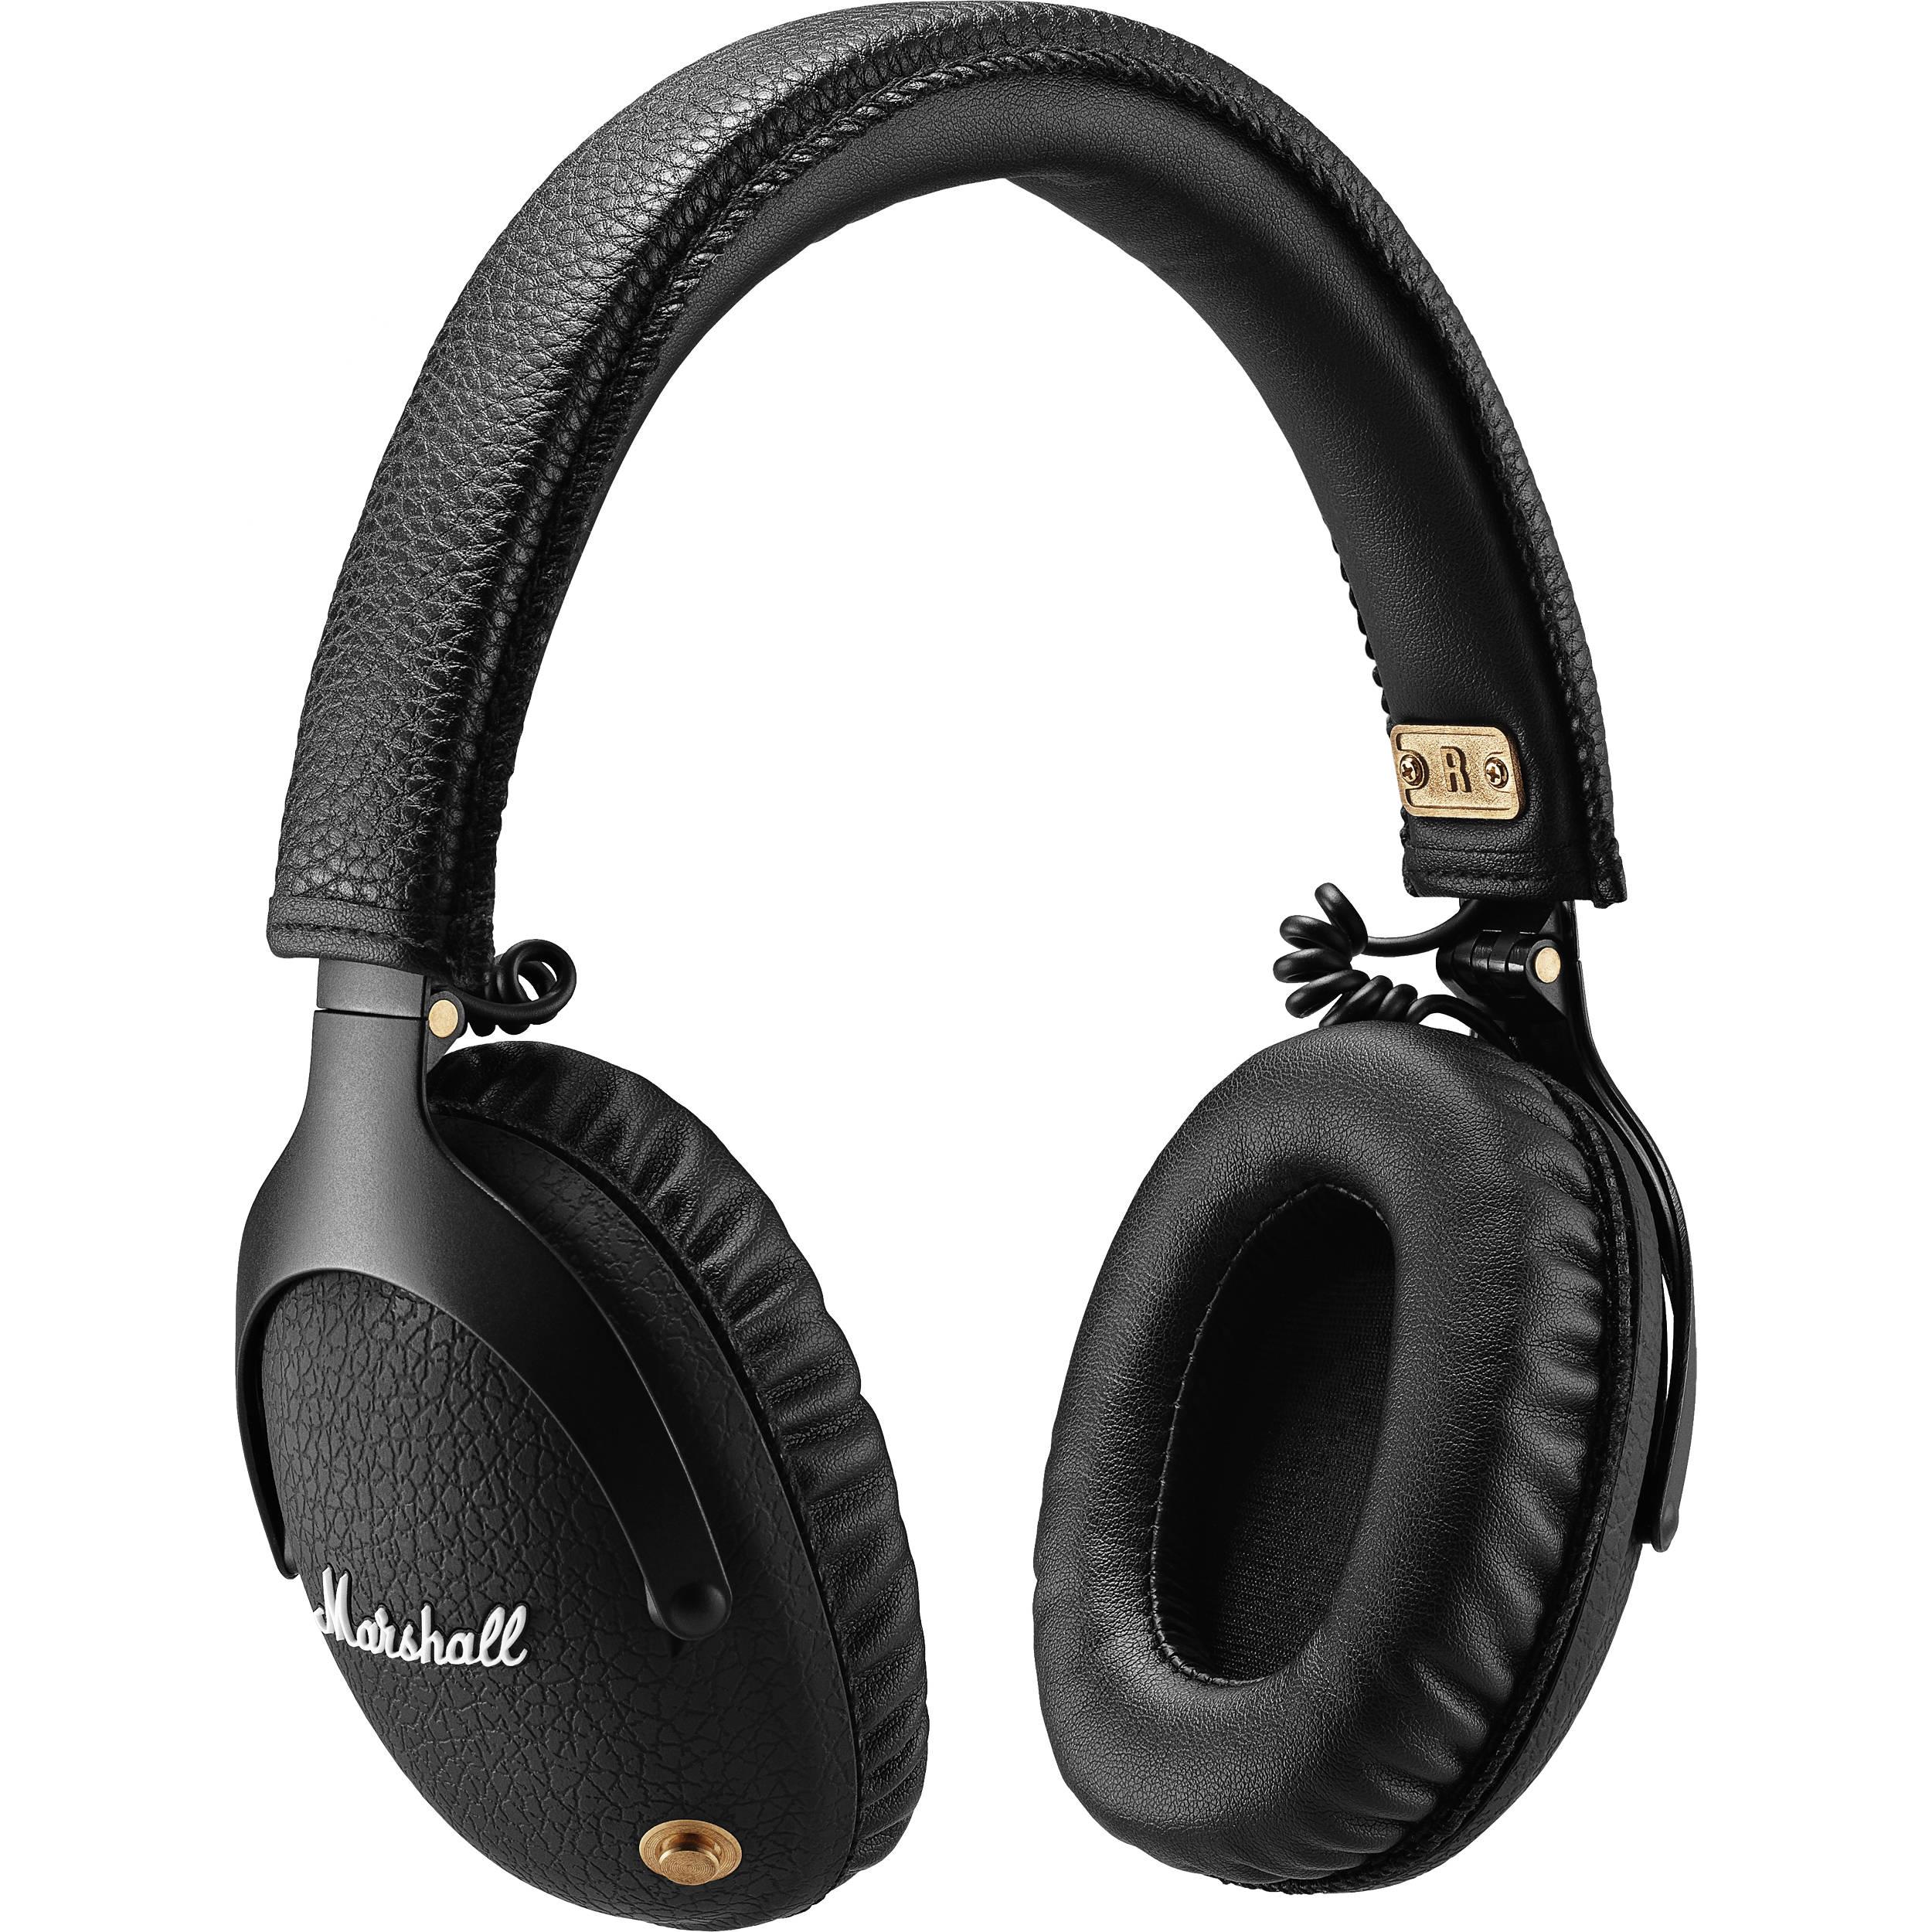 Marshall Monitor Over-Ear Bluetooth Headphones (Black)